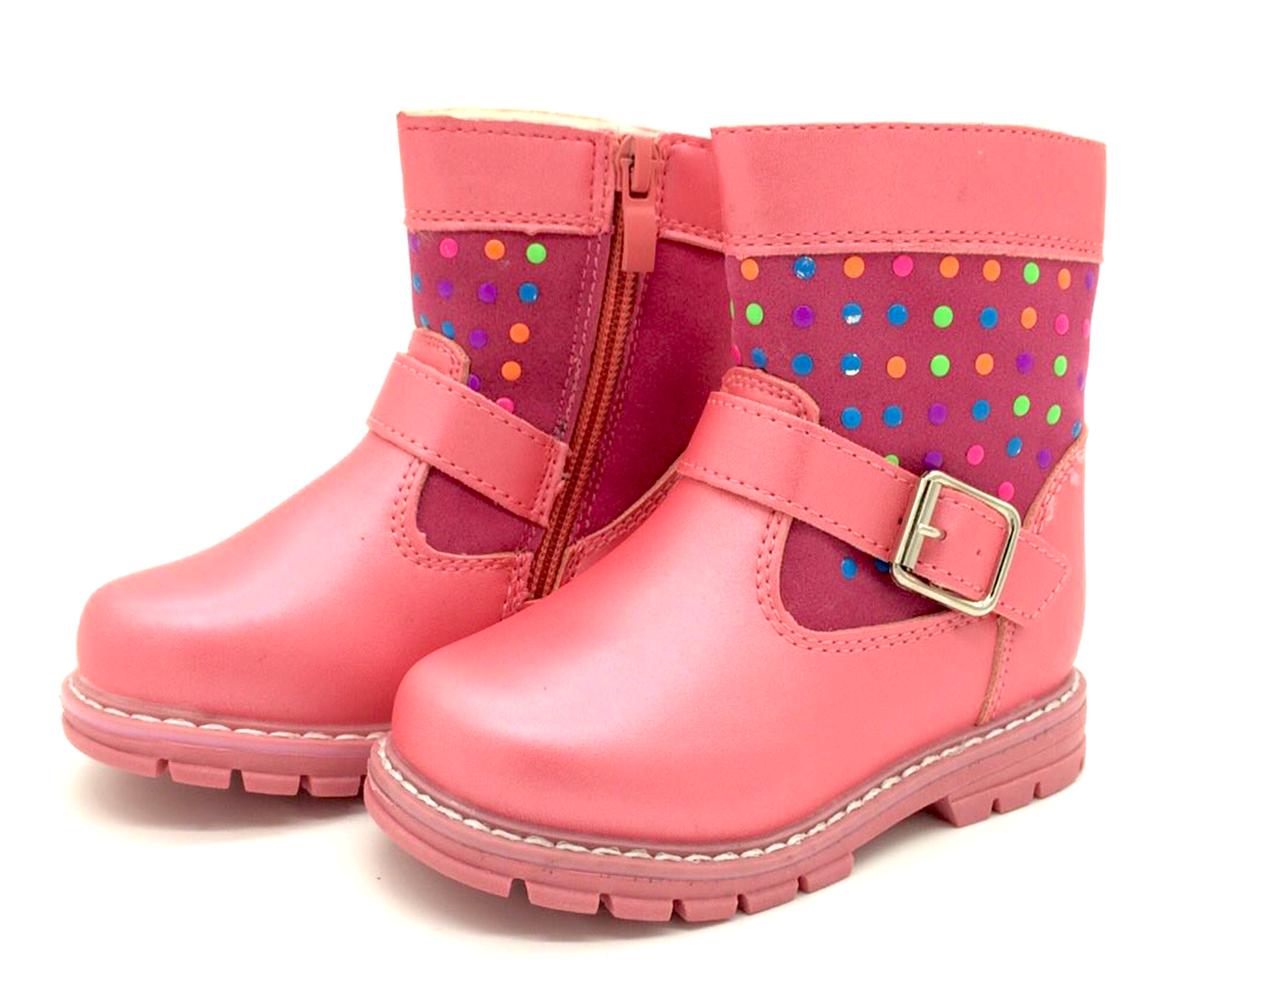 Ботинки осень-зима для девочек розовые Clibee Размеры: 22